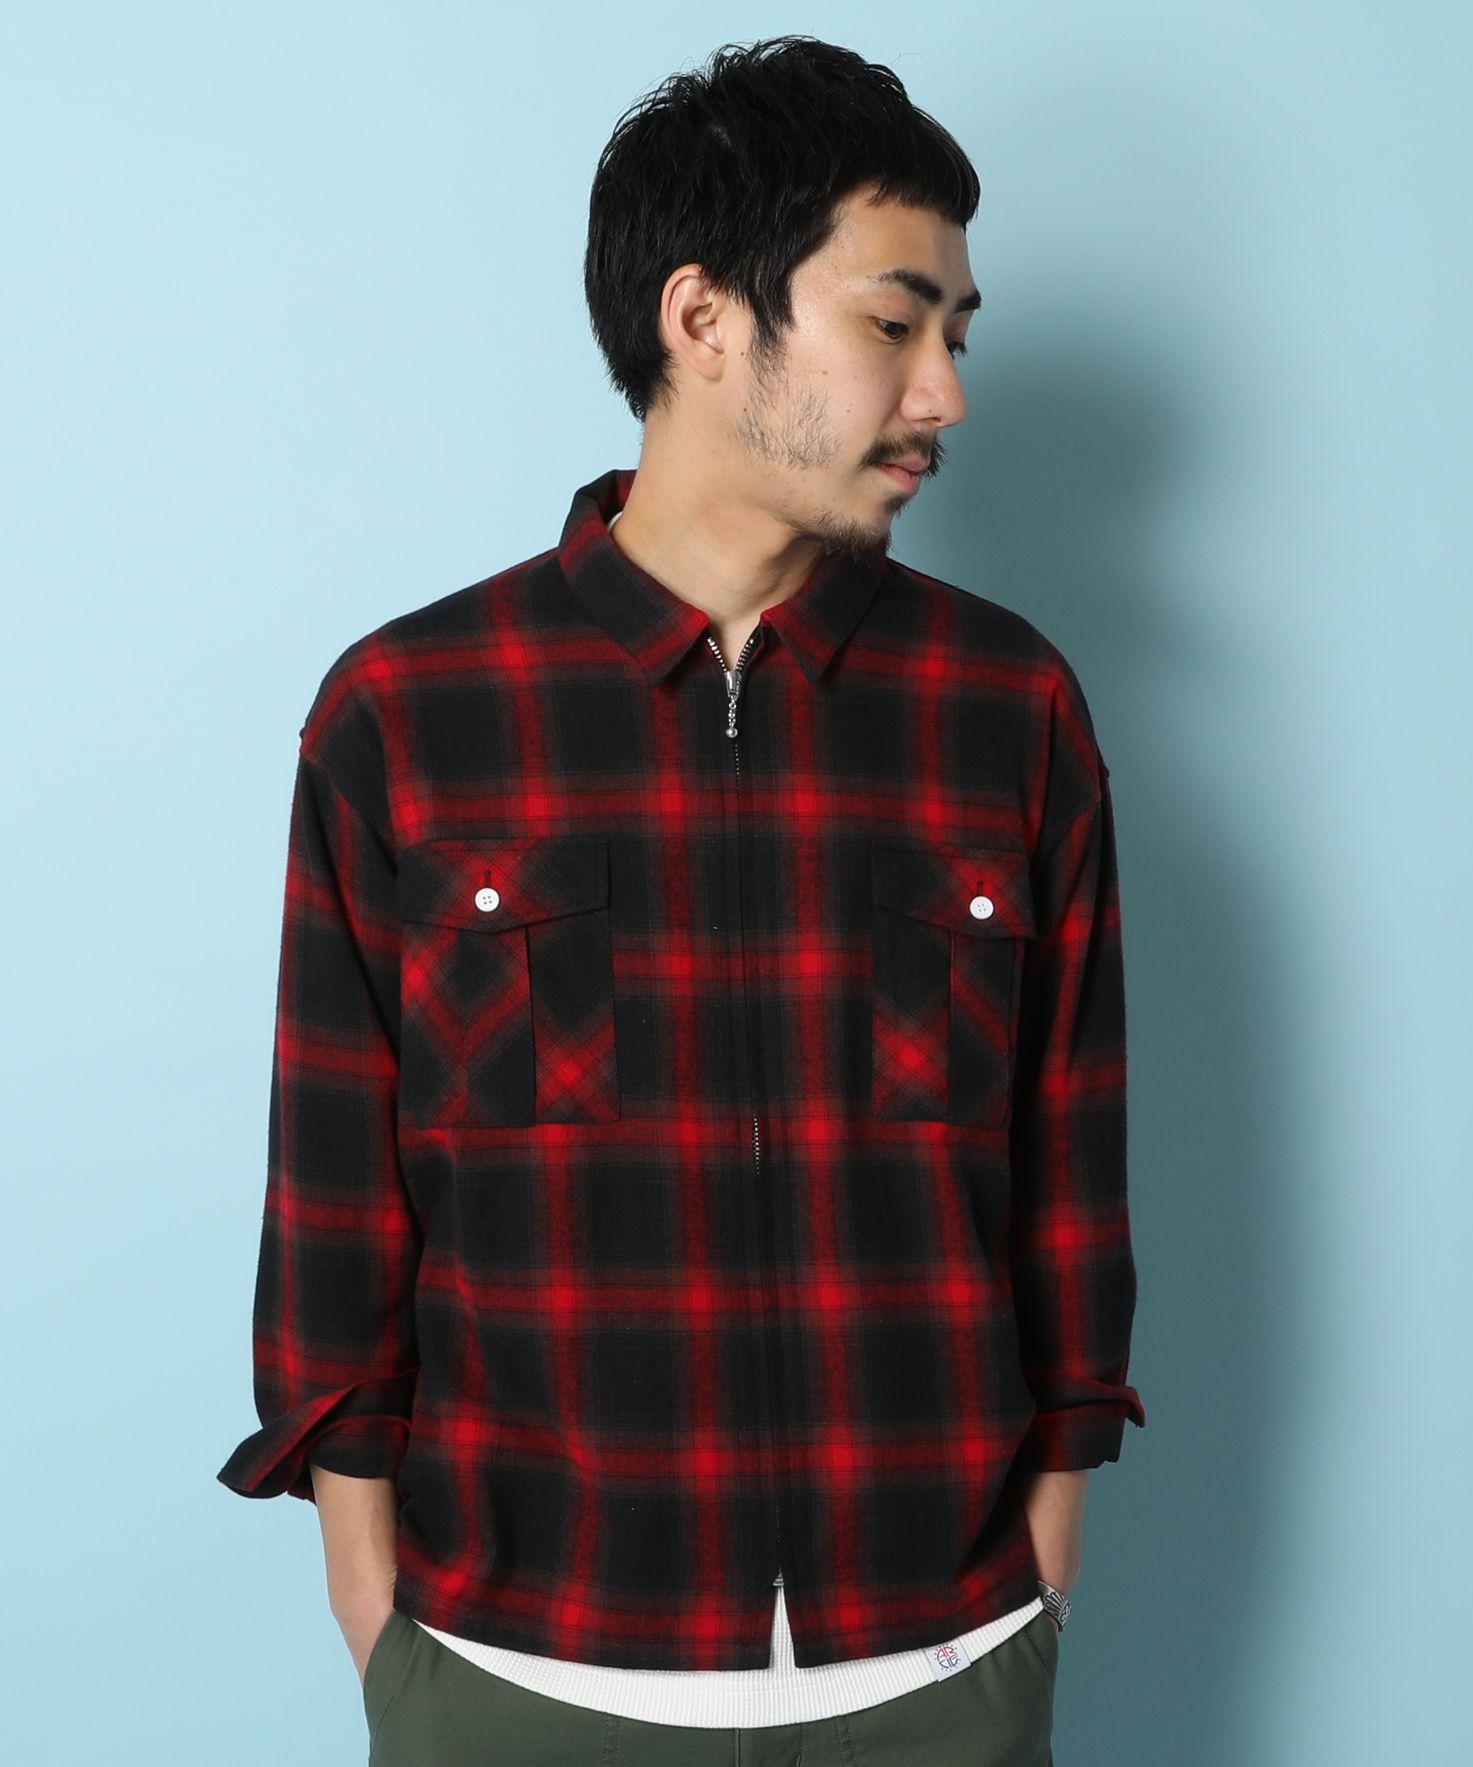 アメリカンラグシー AMERICAN RAG CIE / チェックジップシャツ Plaid Zip Shirt